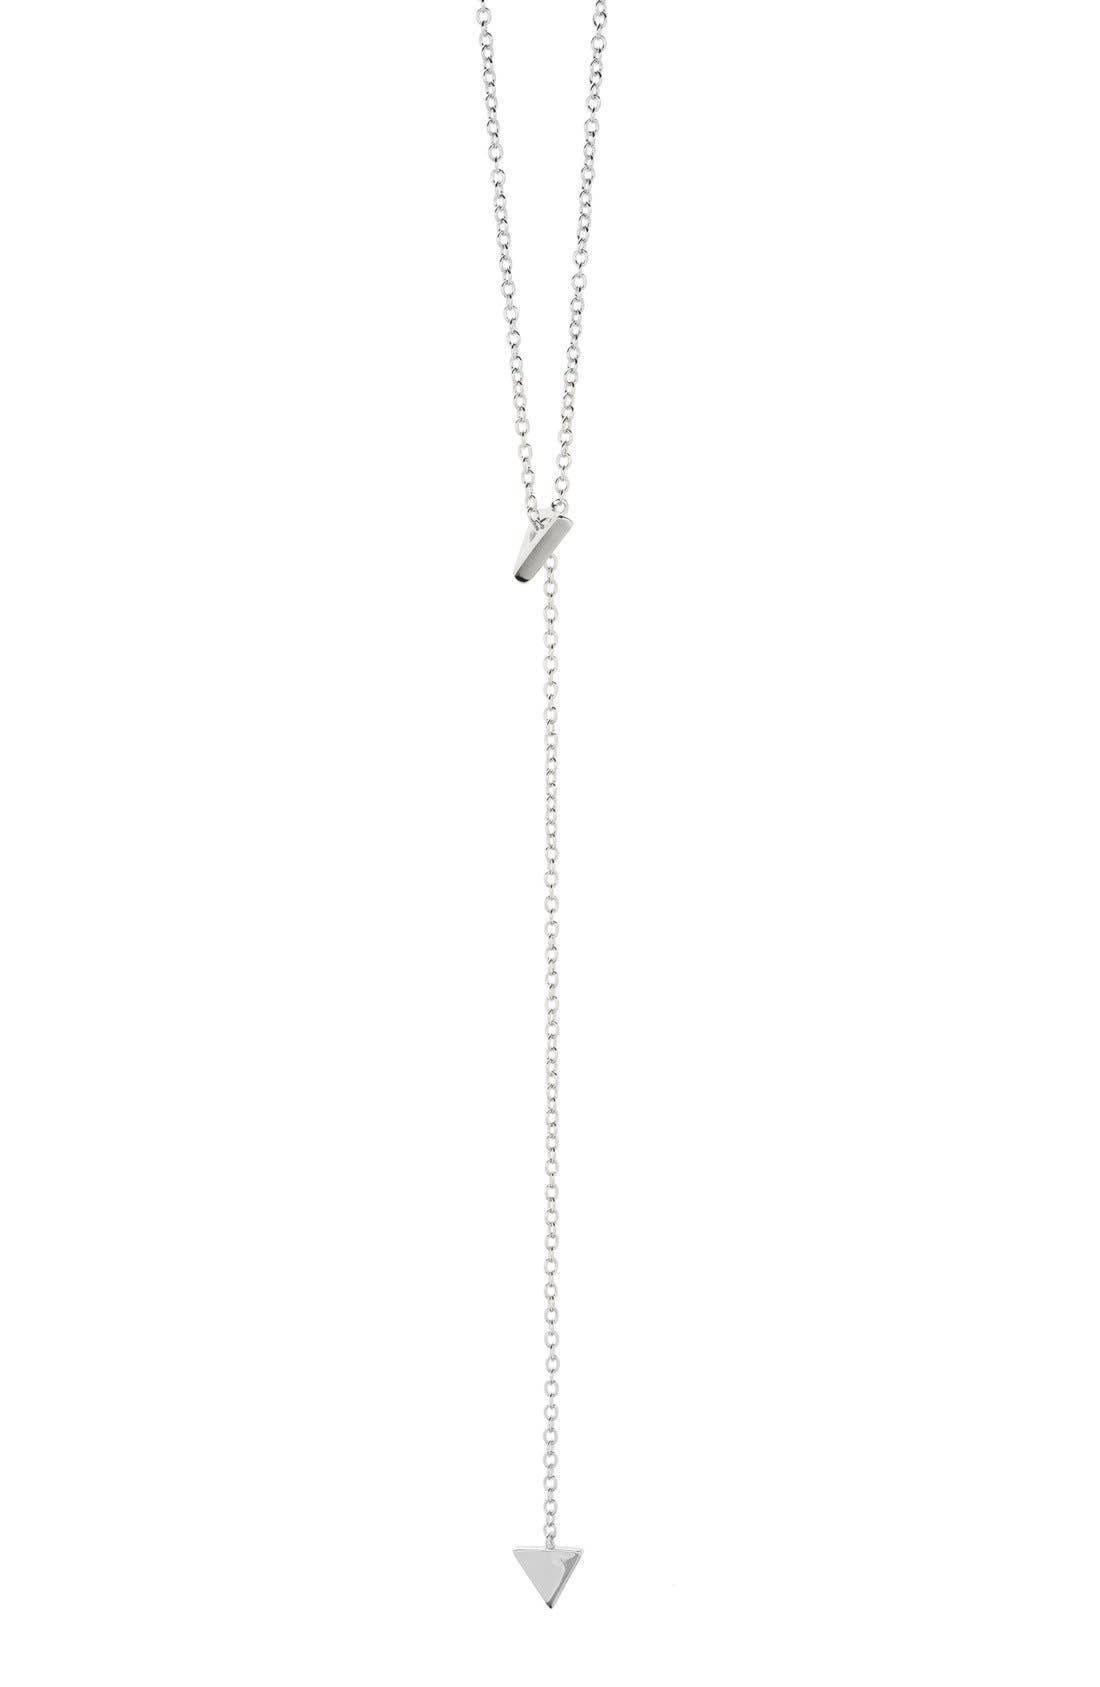 Alternate Image 1 Selected - gorjana 'Emory' Lariat Necklace